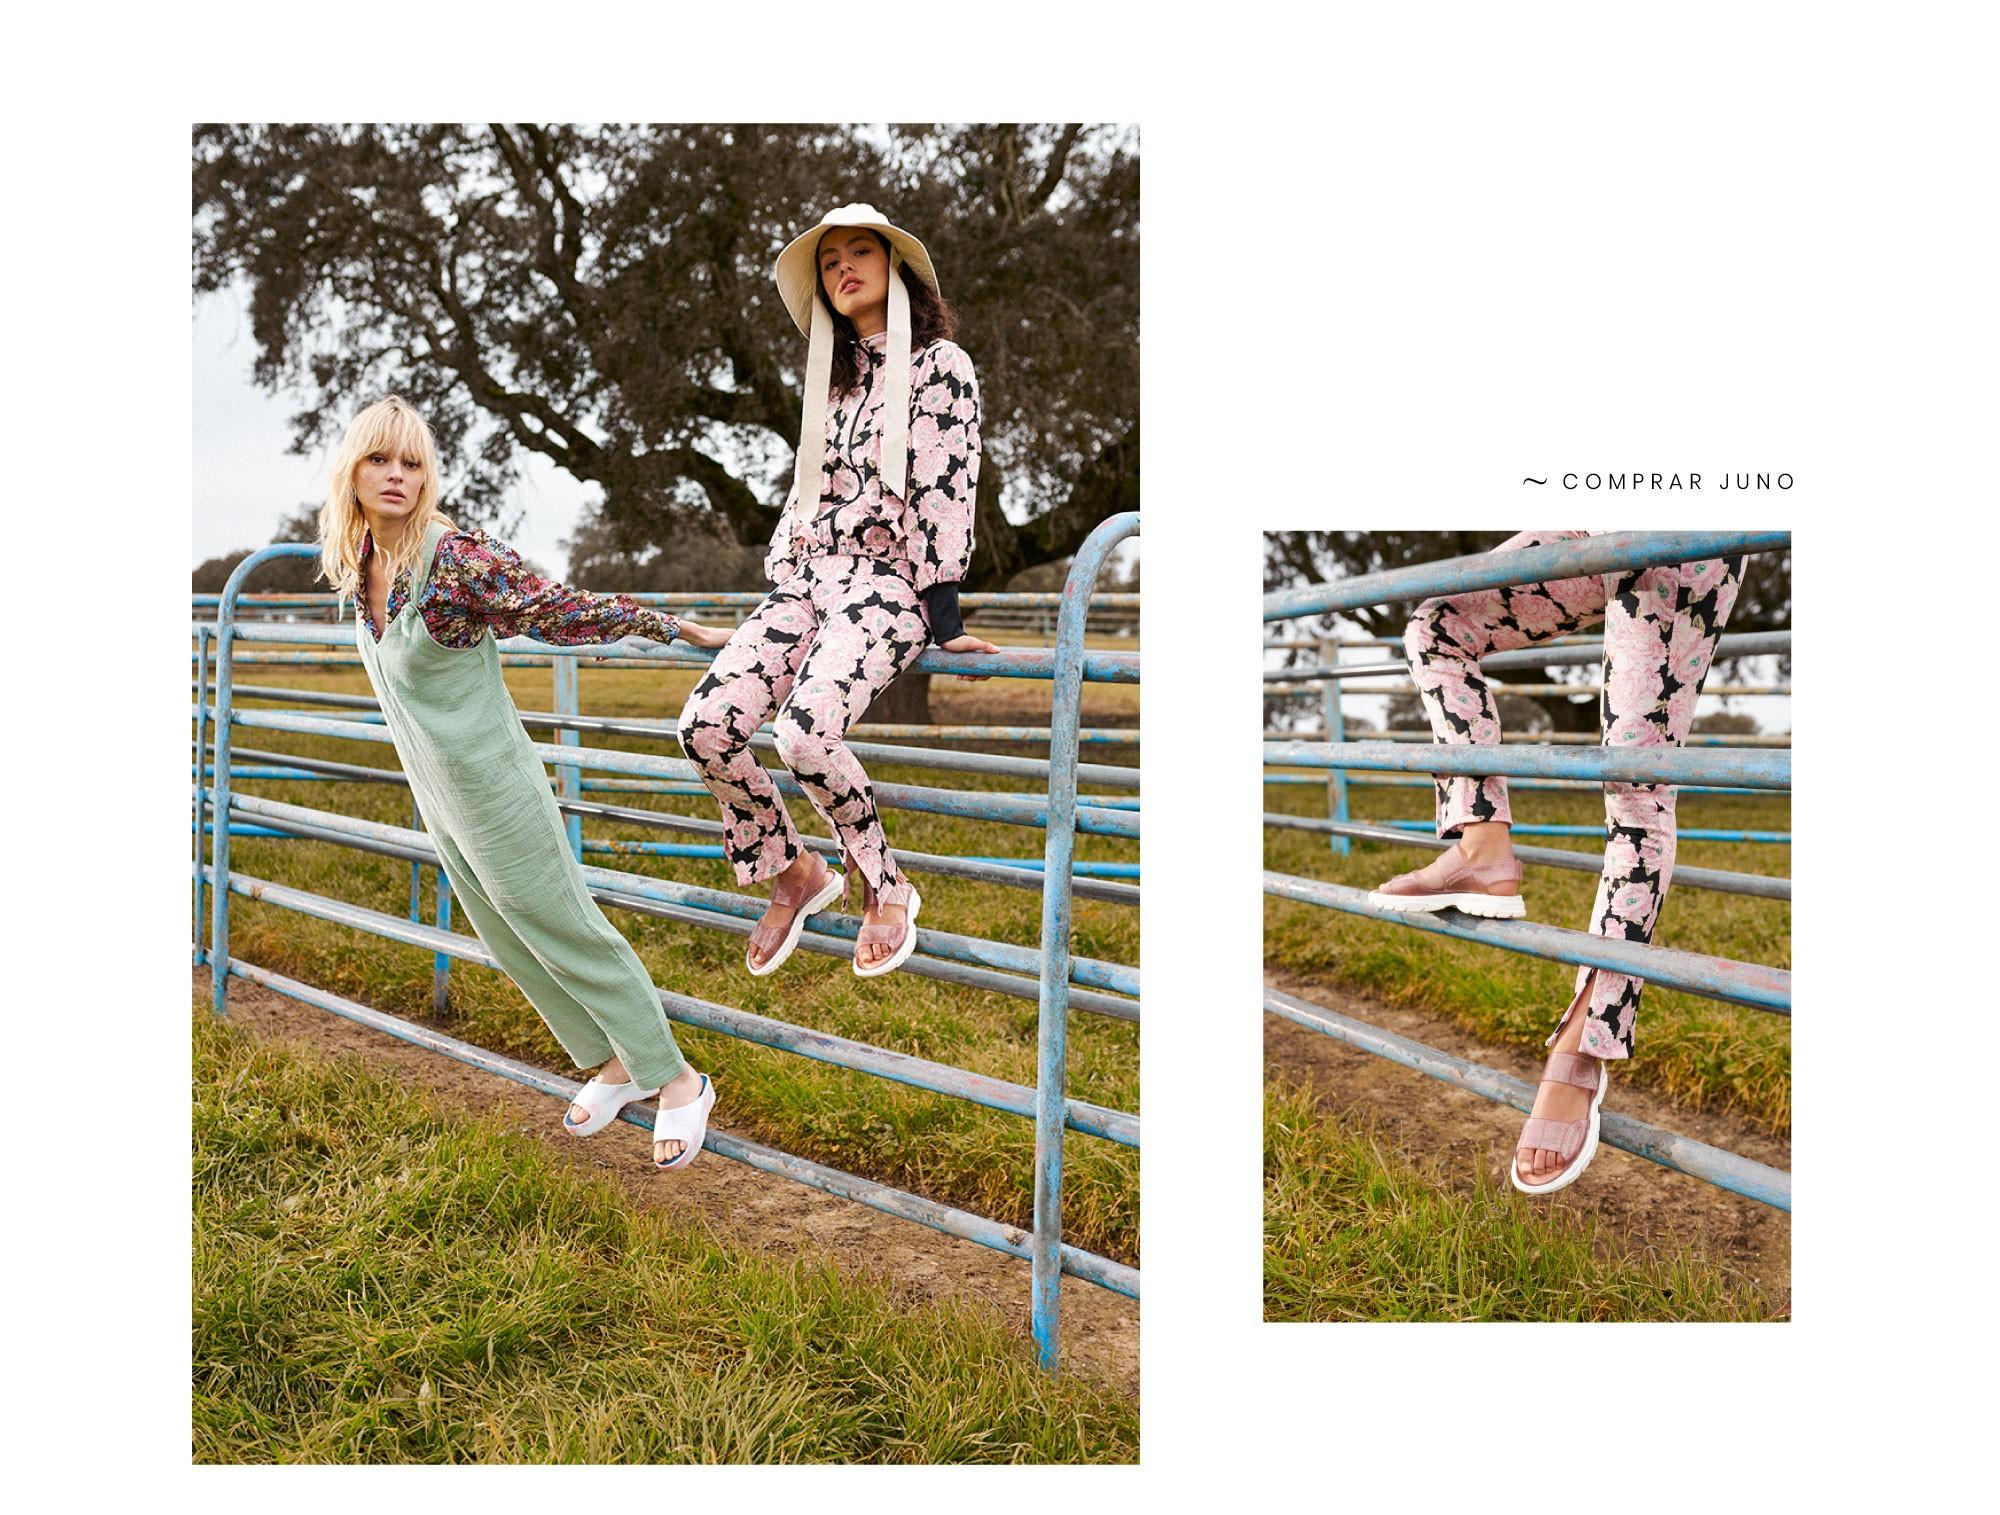 Sandálias femininas com estilo desportivo JUNO e Chinelos de plataforma SUNNY Lemon Jelly